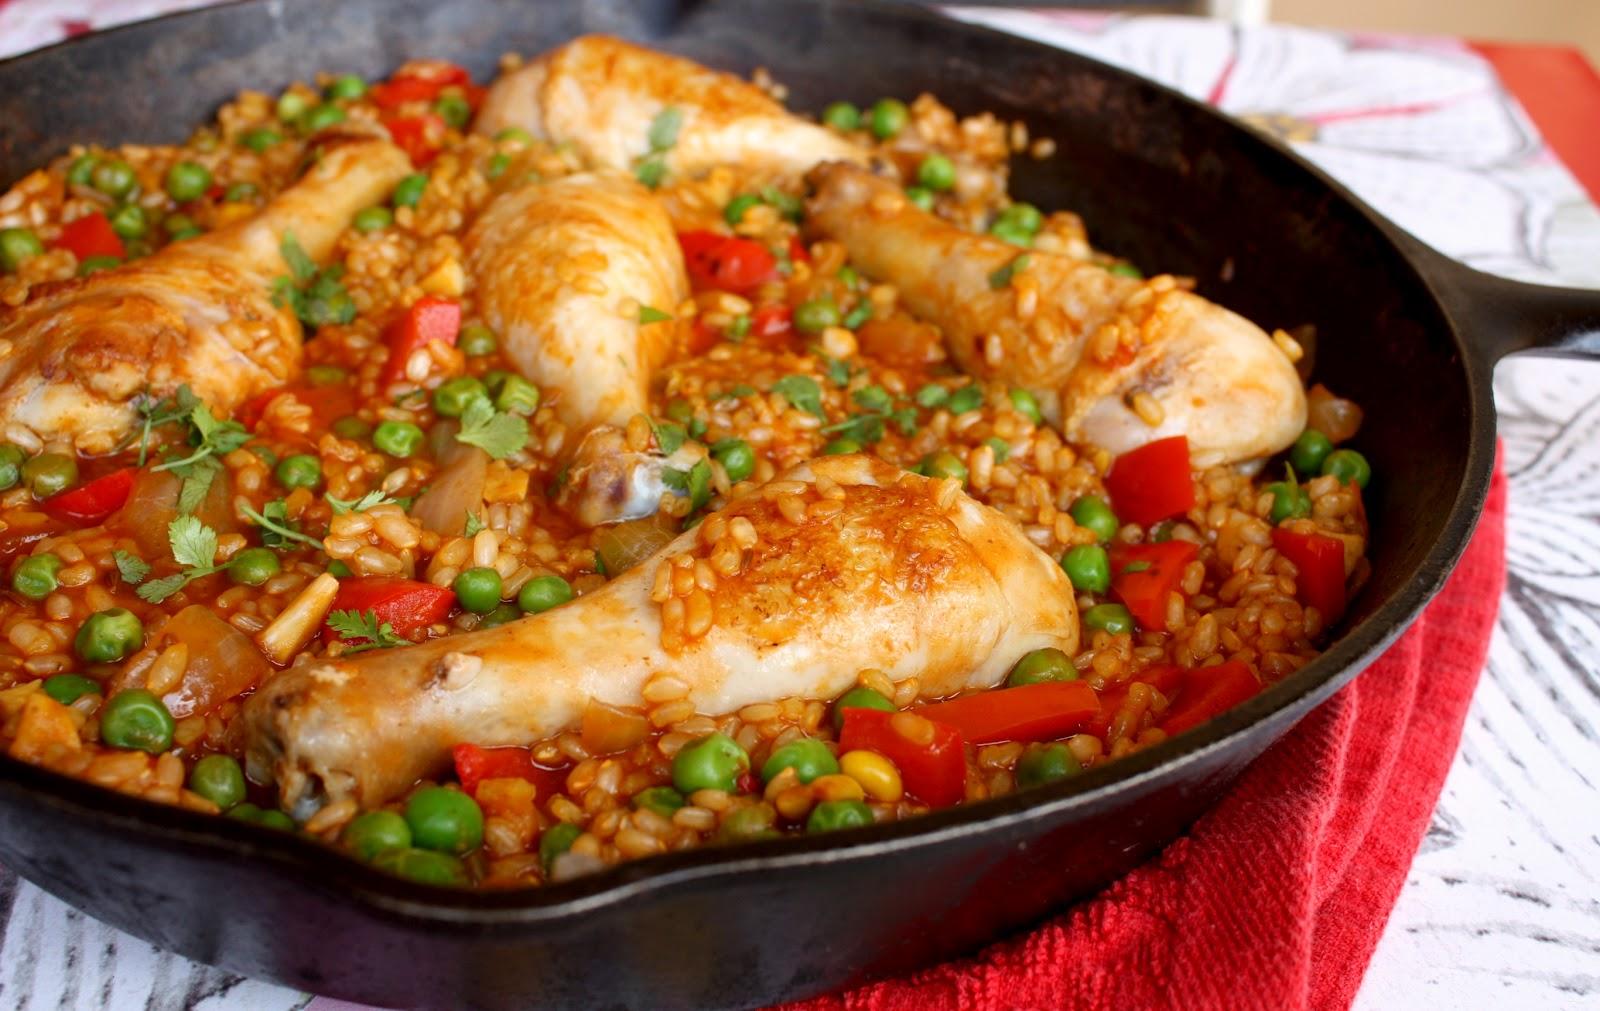 Arroz con pollo receta mil recetas - Arroz salteado con pollo ...